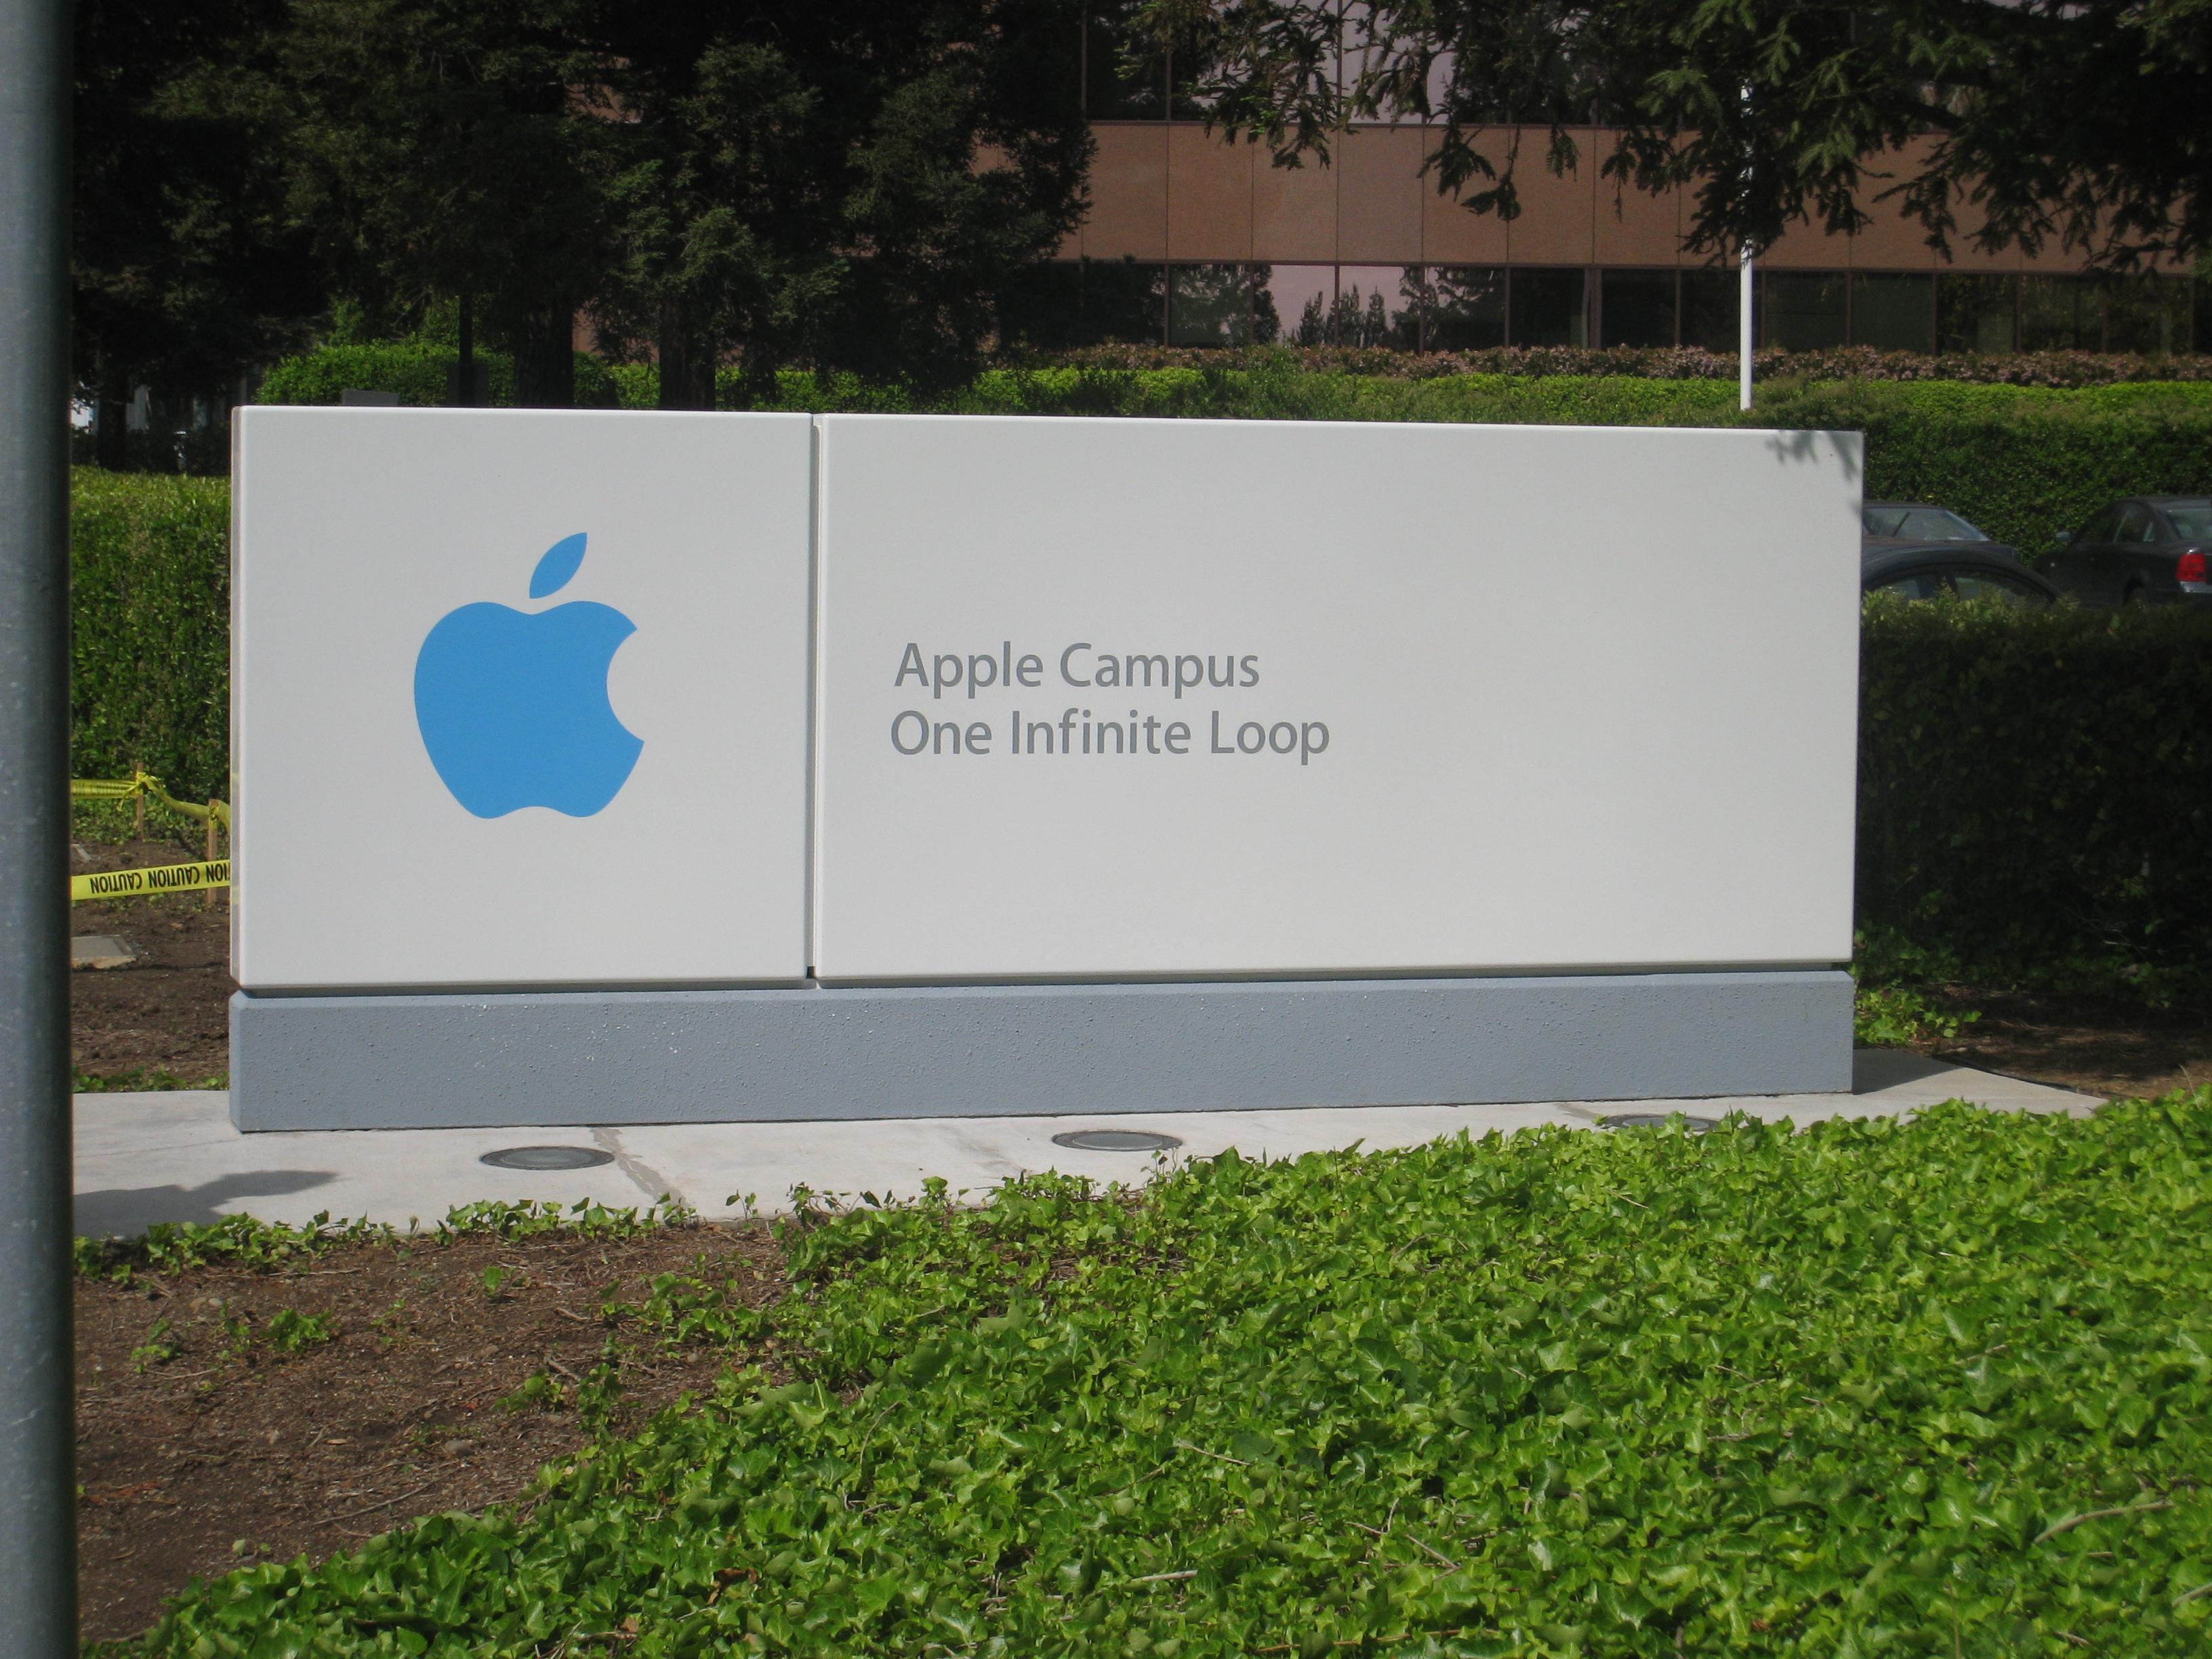 Apple fa lavorare gli ingegneri neo assunti a progetti fake per testarne l'affidabilità